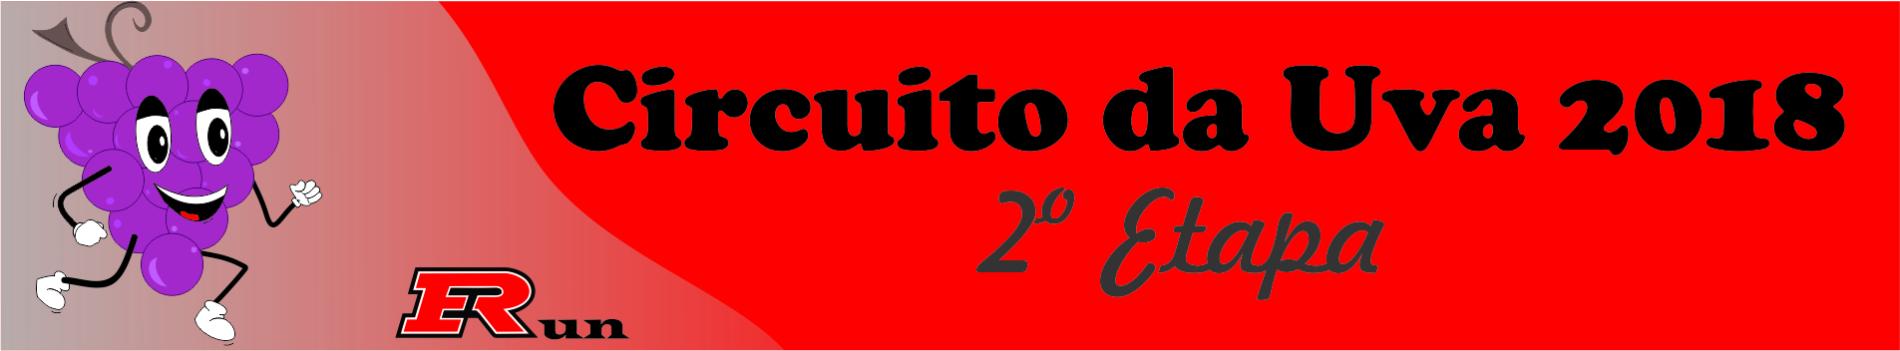 CIRCUITO DA UVA 2018 2ª ETAPA - Imagem de topo